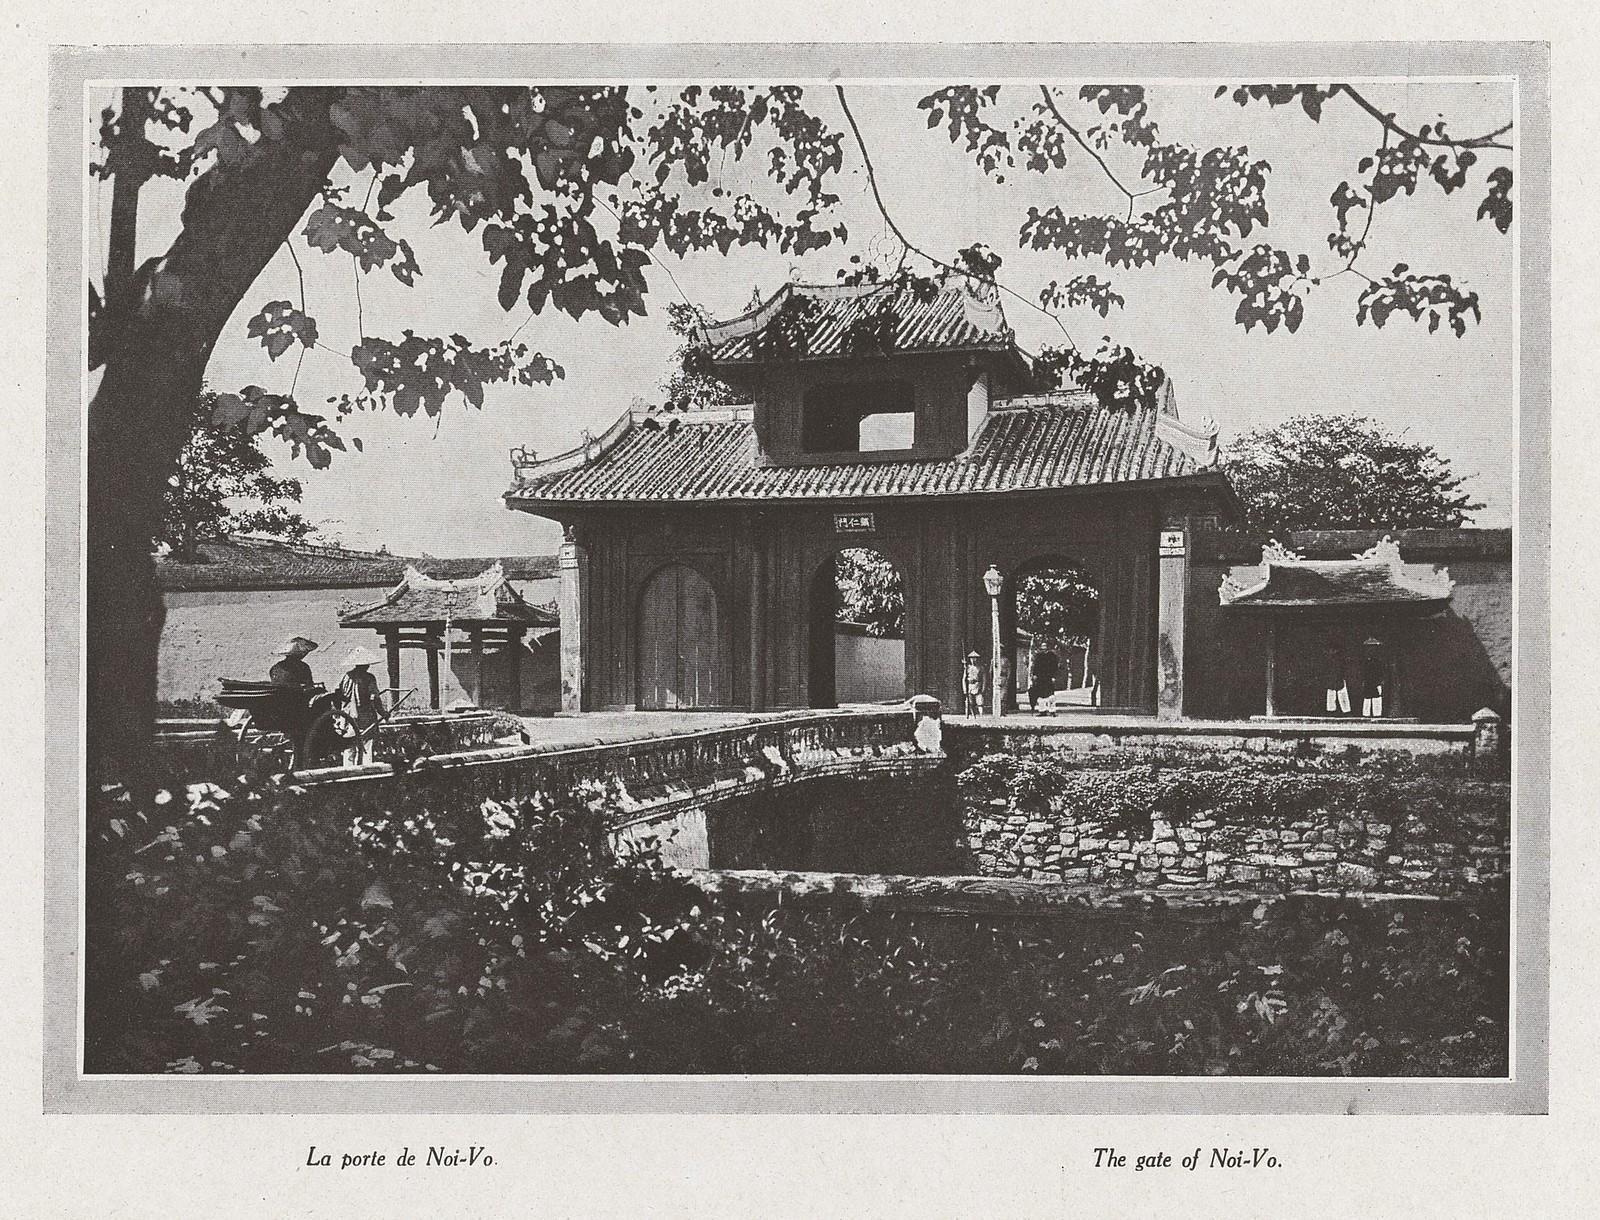 Ảnh cực quý về Hoàng thành Huế năm 1919 Ảnh 11